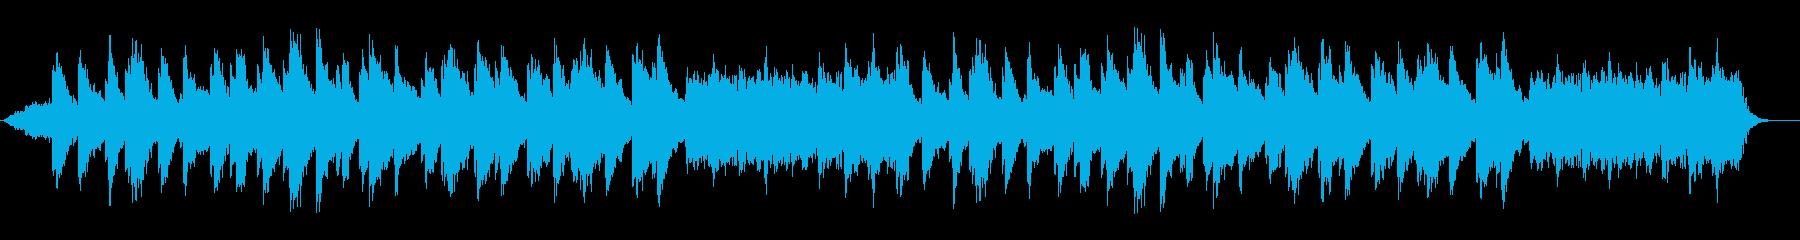 アンビエント 淡々 弦楽器 ハープの再生済みの波形